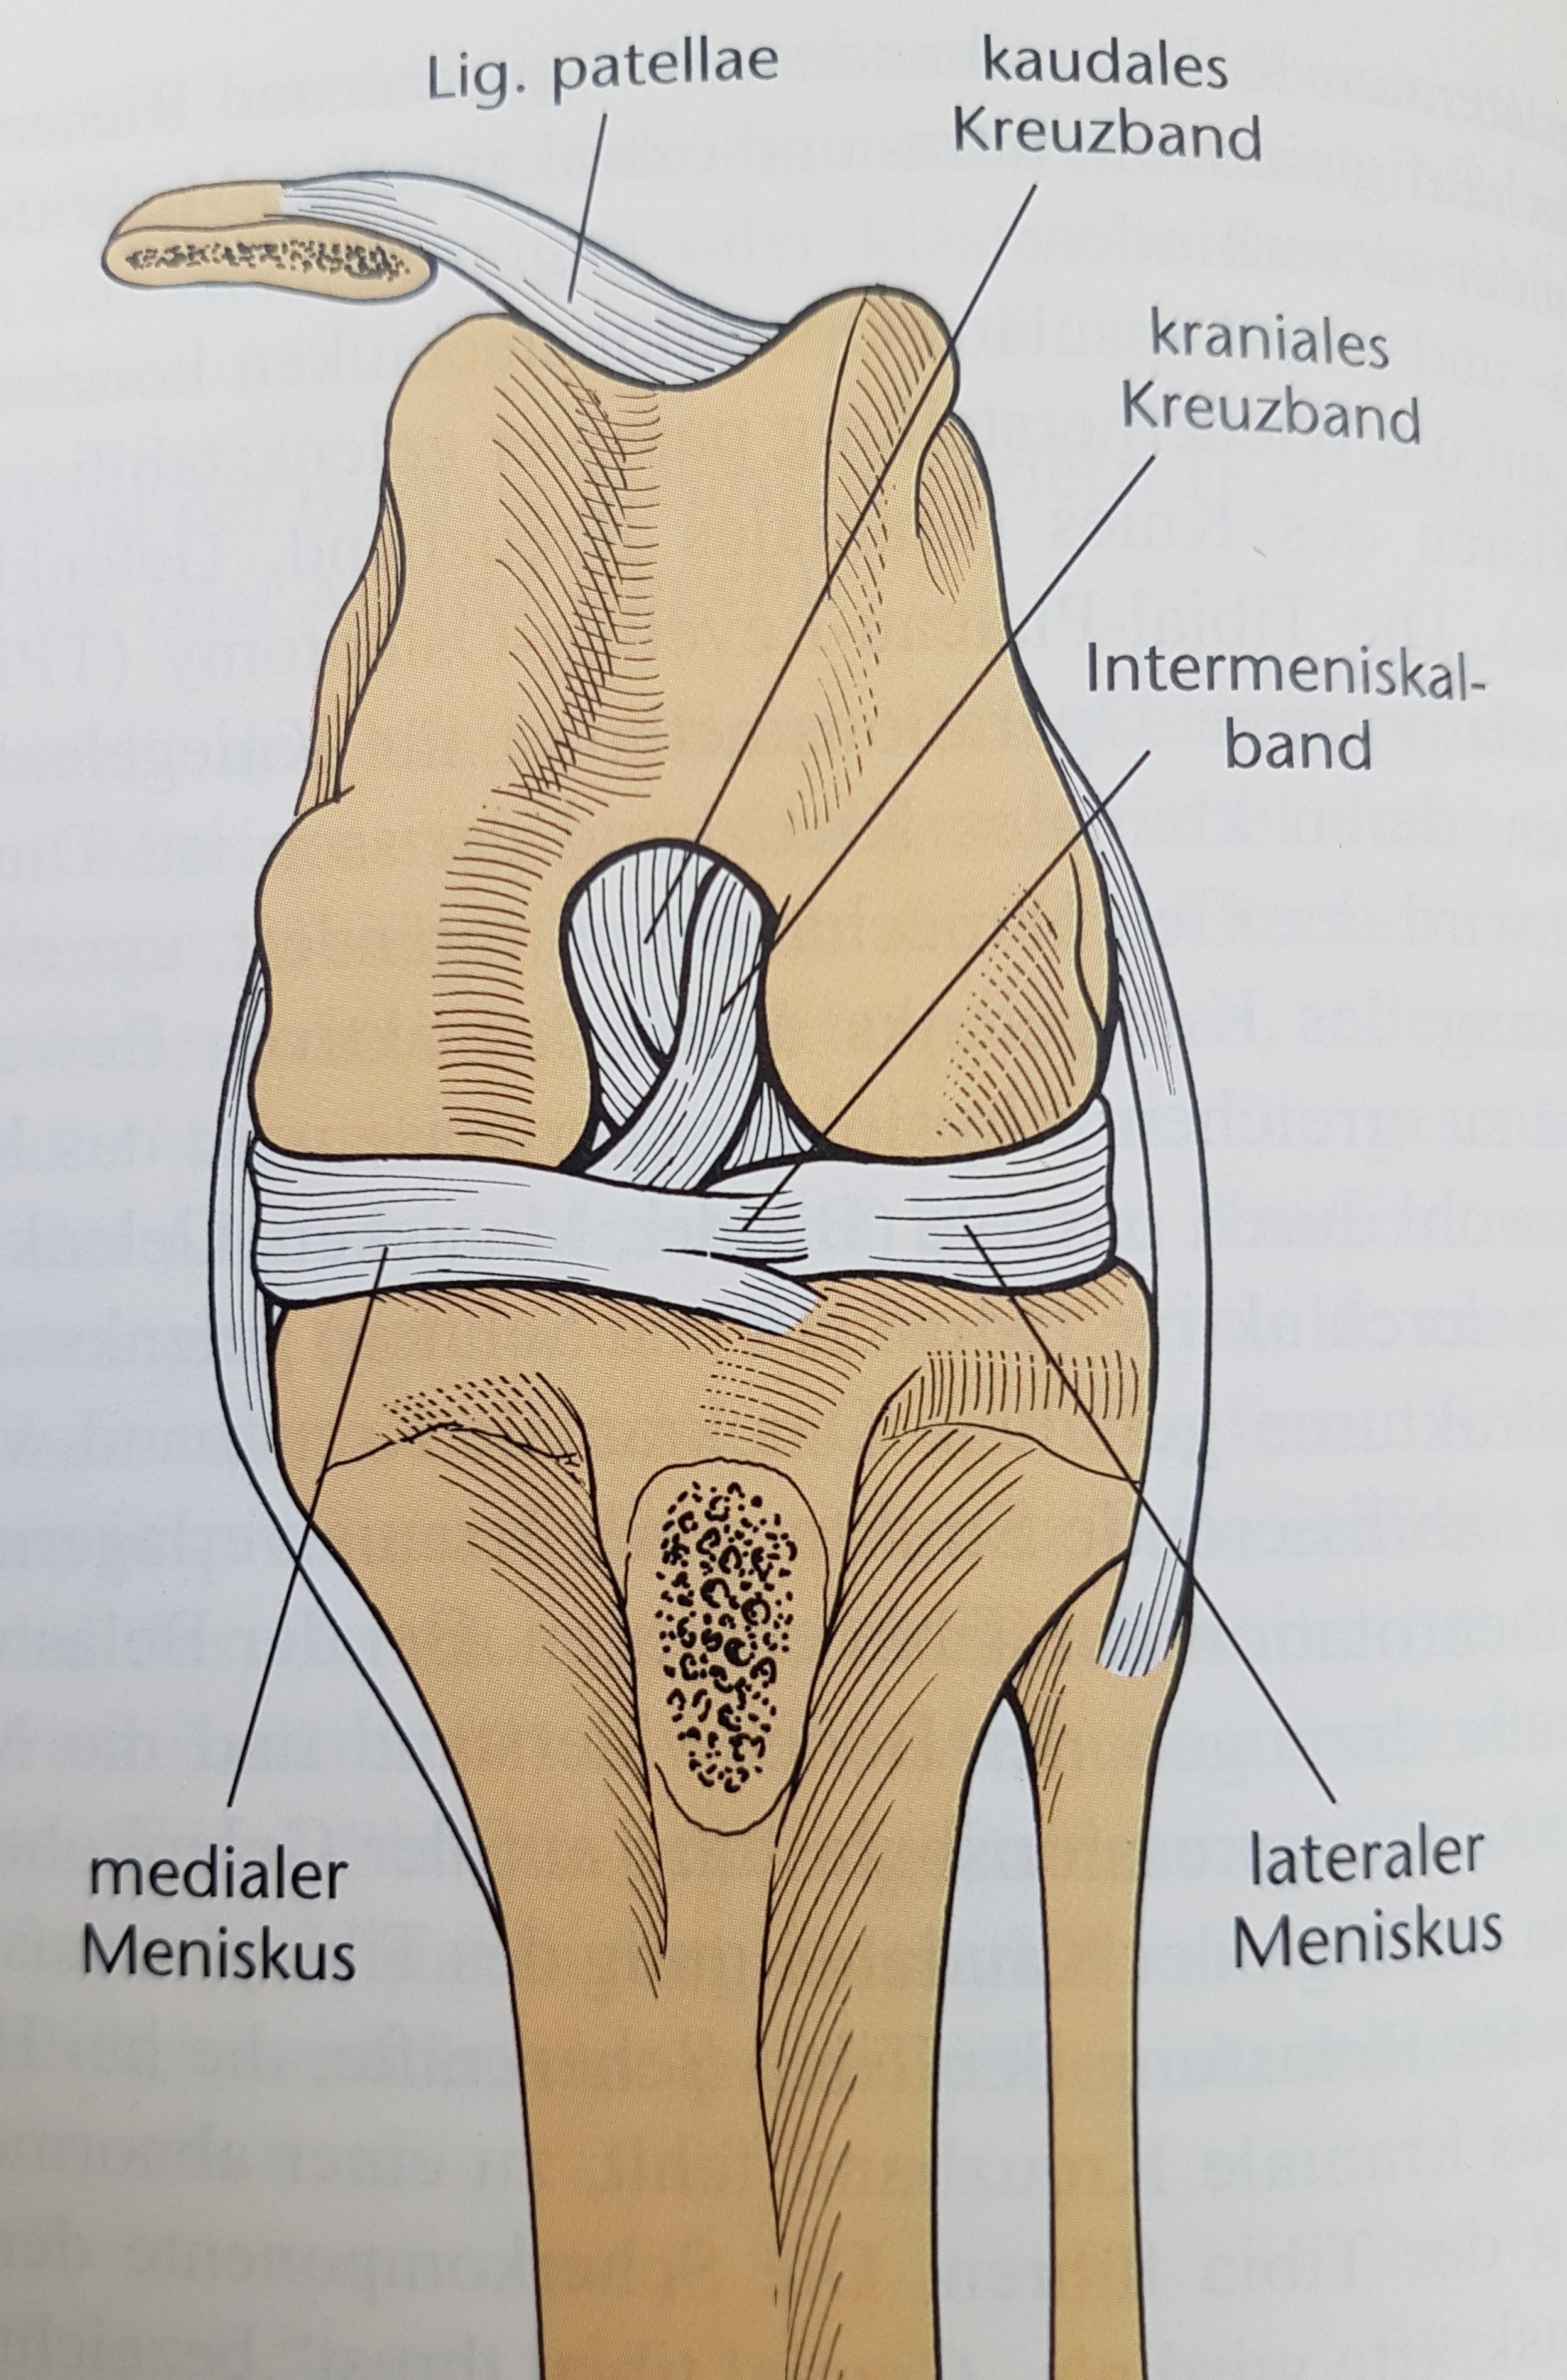 Beste Innenmeniskus Anatomie Galerie - Physiologie Von Menschlichen ...